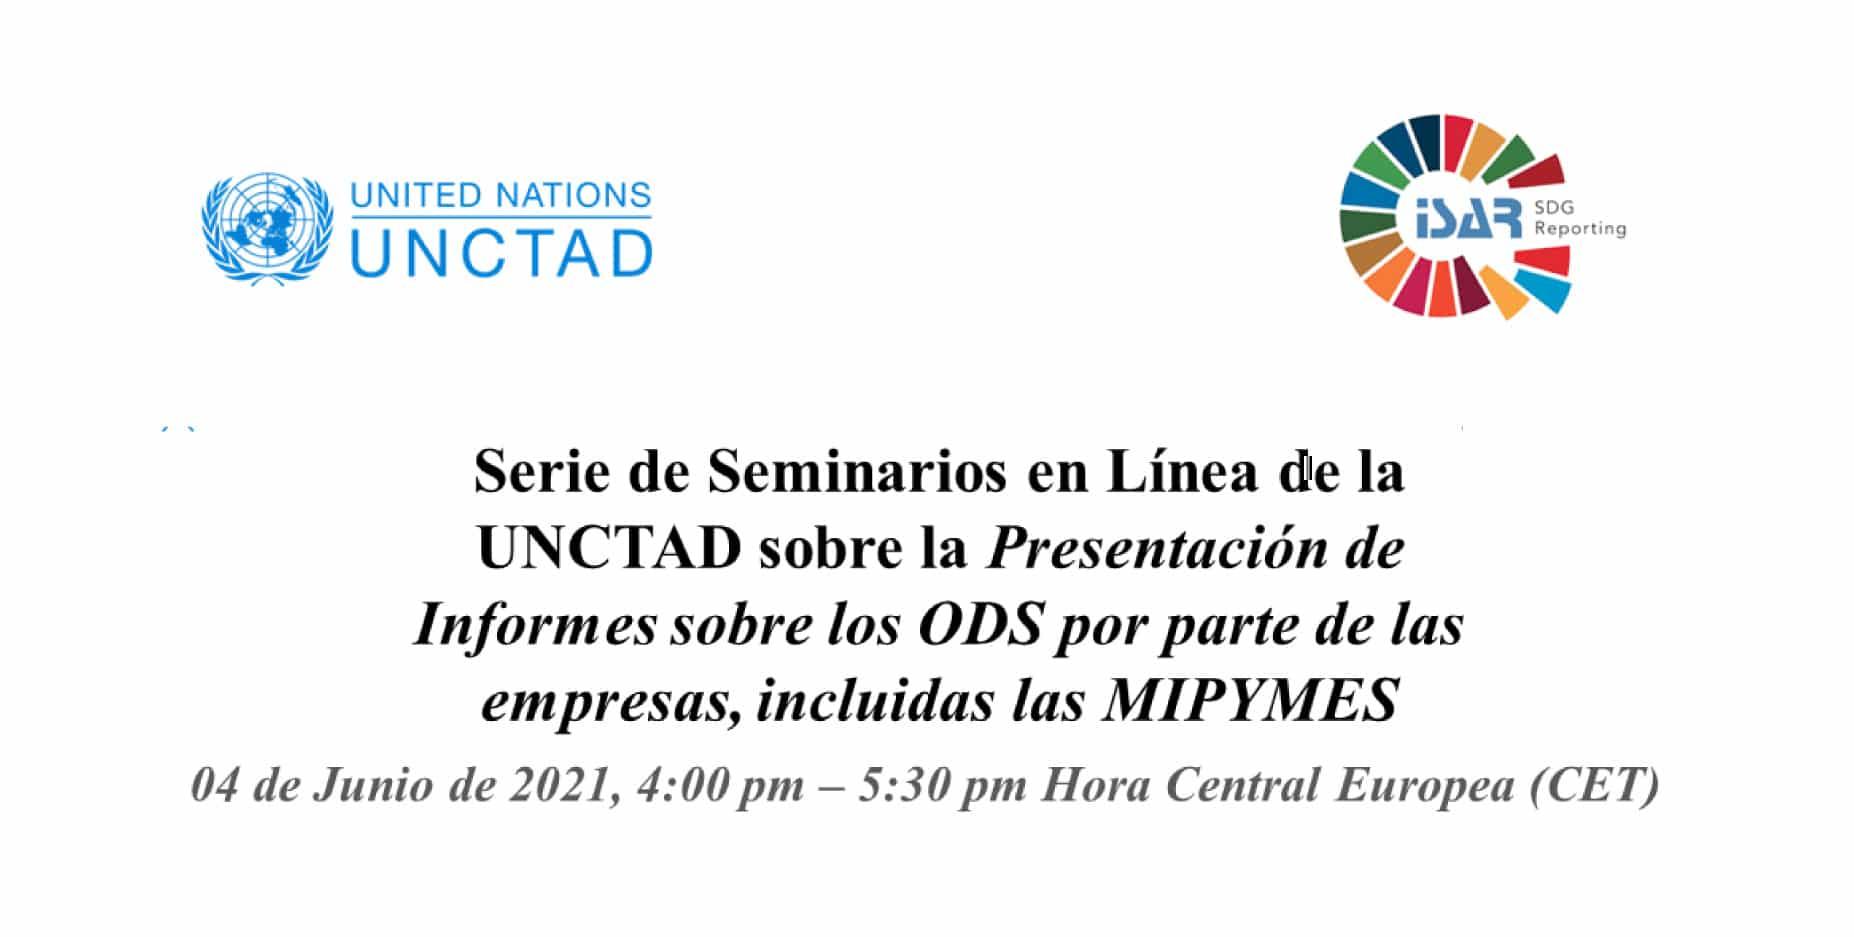 Serie de Seminarios en Línea de la UNCTAD sobre la Presentación de Informes sobre los ODS por parte de las empresas, incluidas las MIPYMES